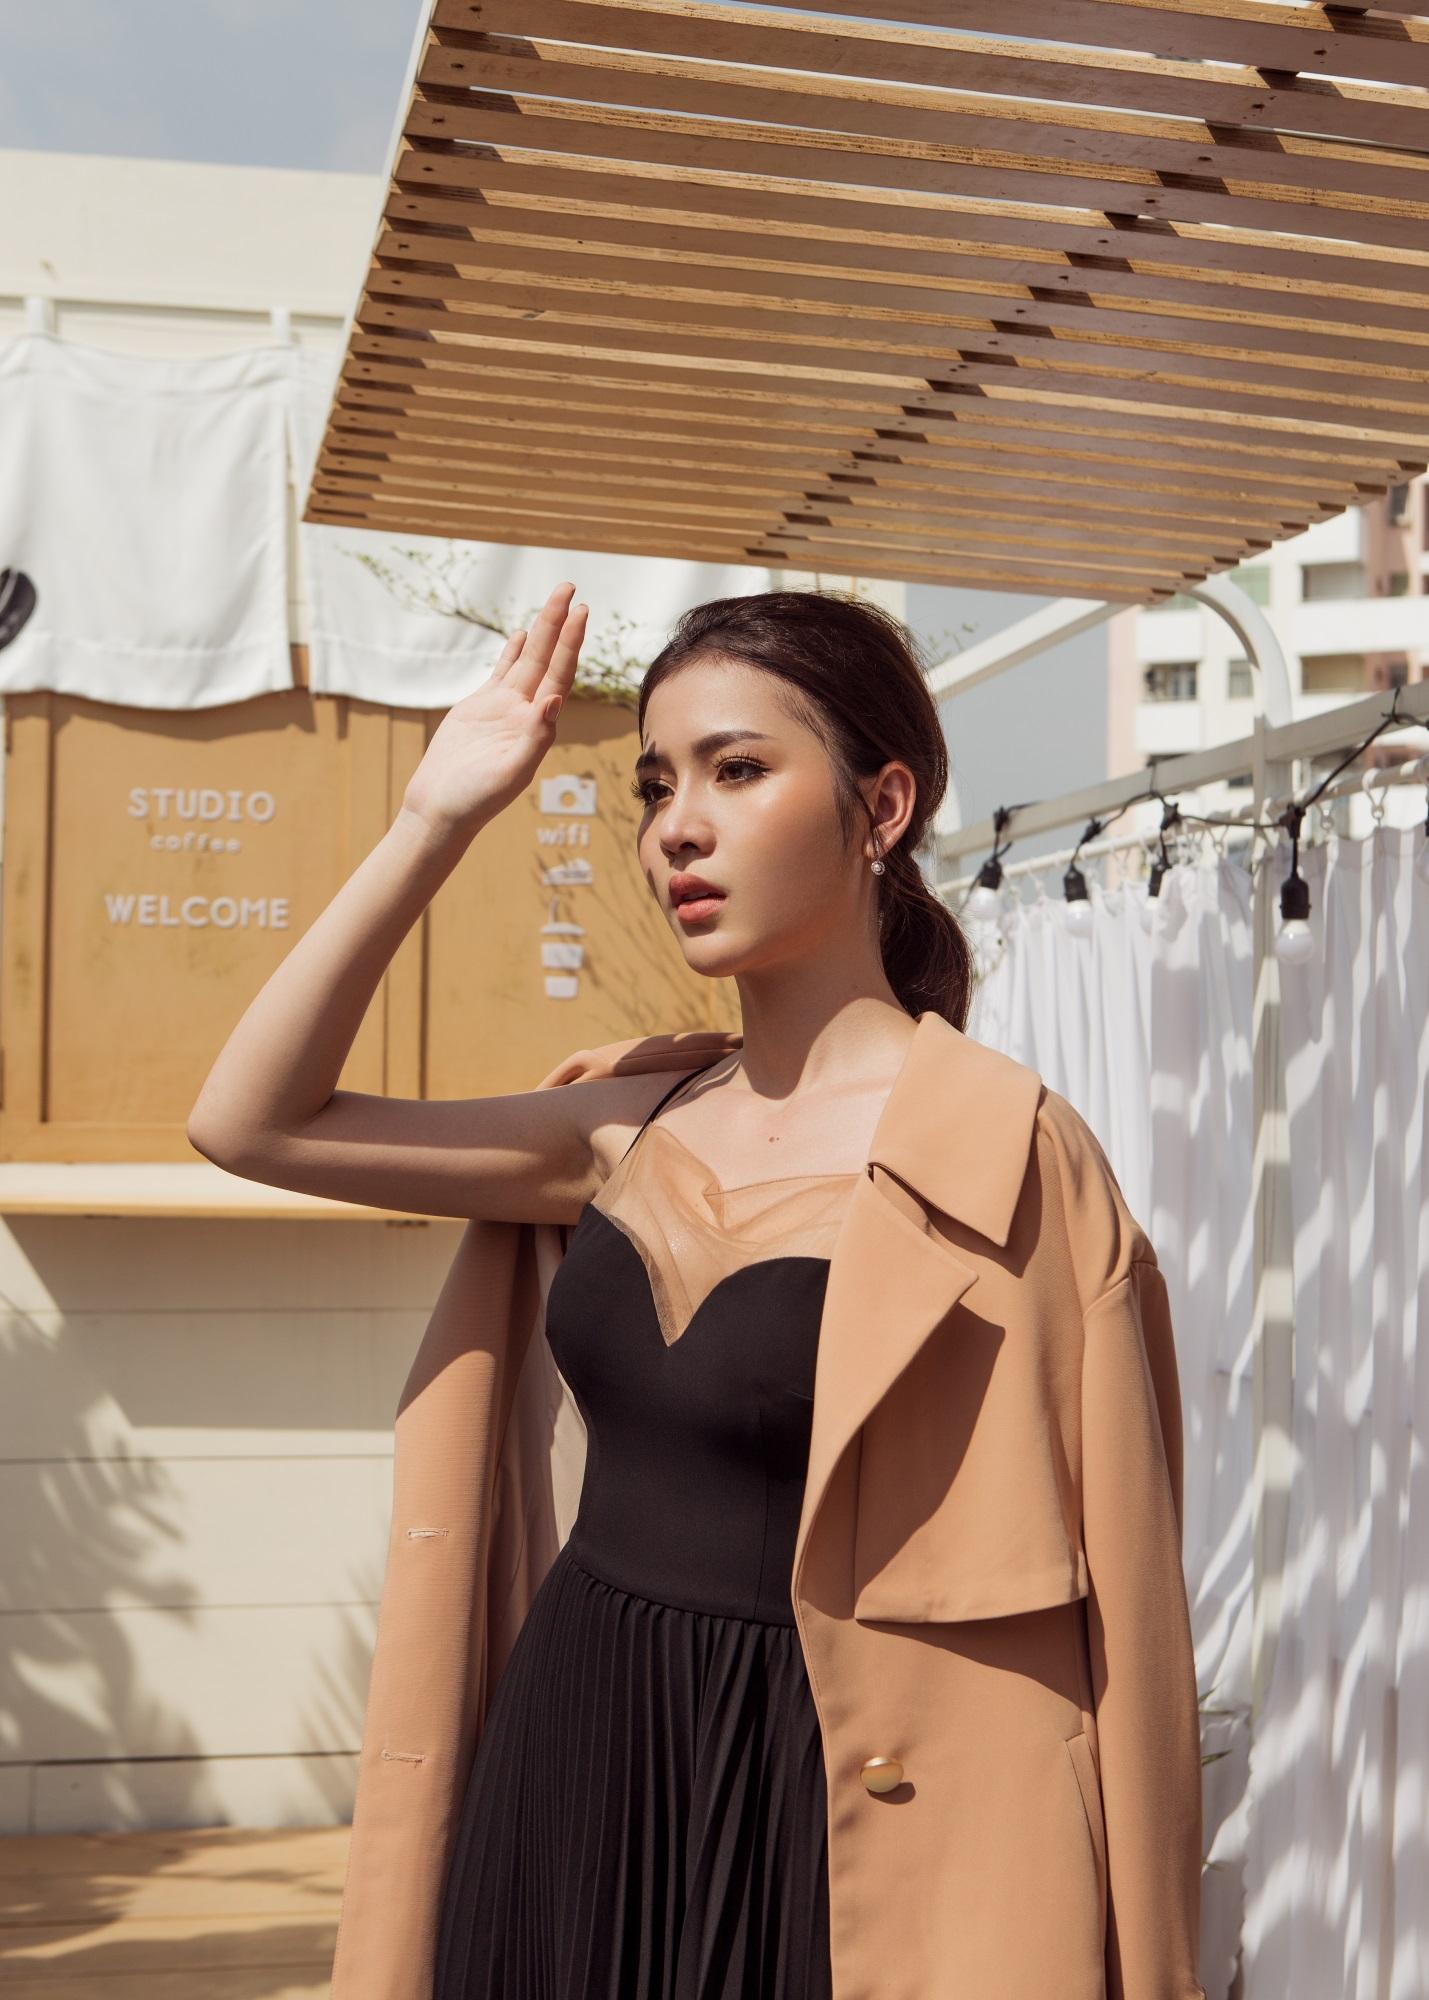 Hoa hậu Biển Kim Ngọc 'tái xuất' với hình ảnh quý cô thanh lịch đầy cuốn hút - Ảnh 14